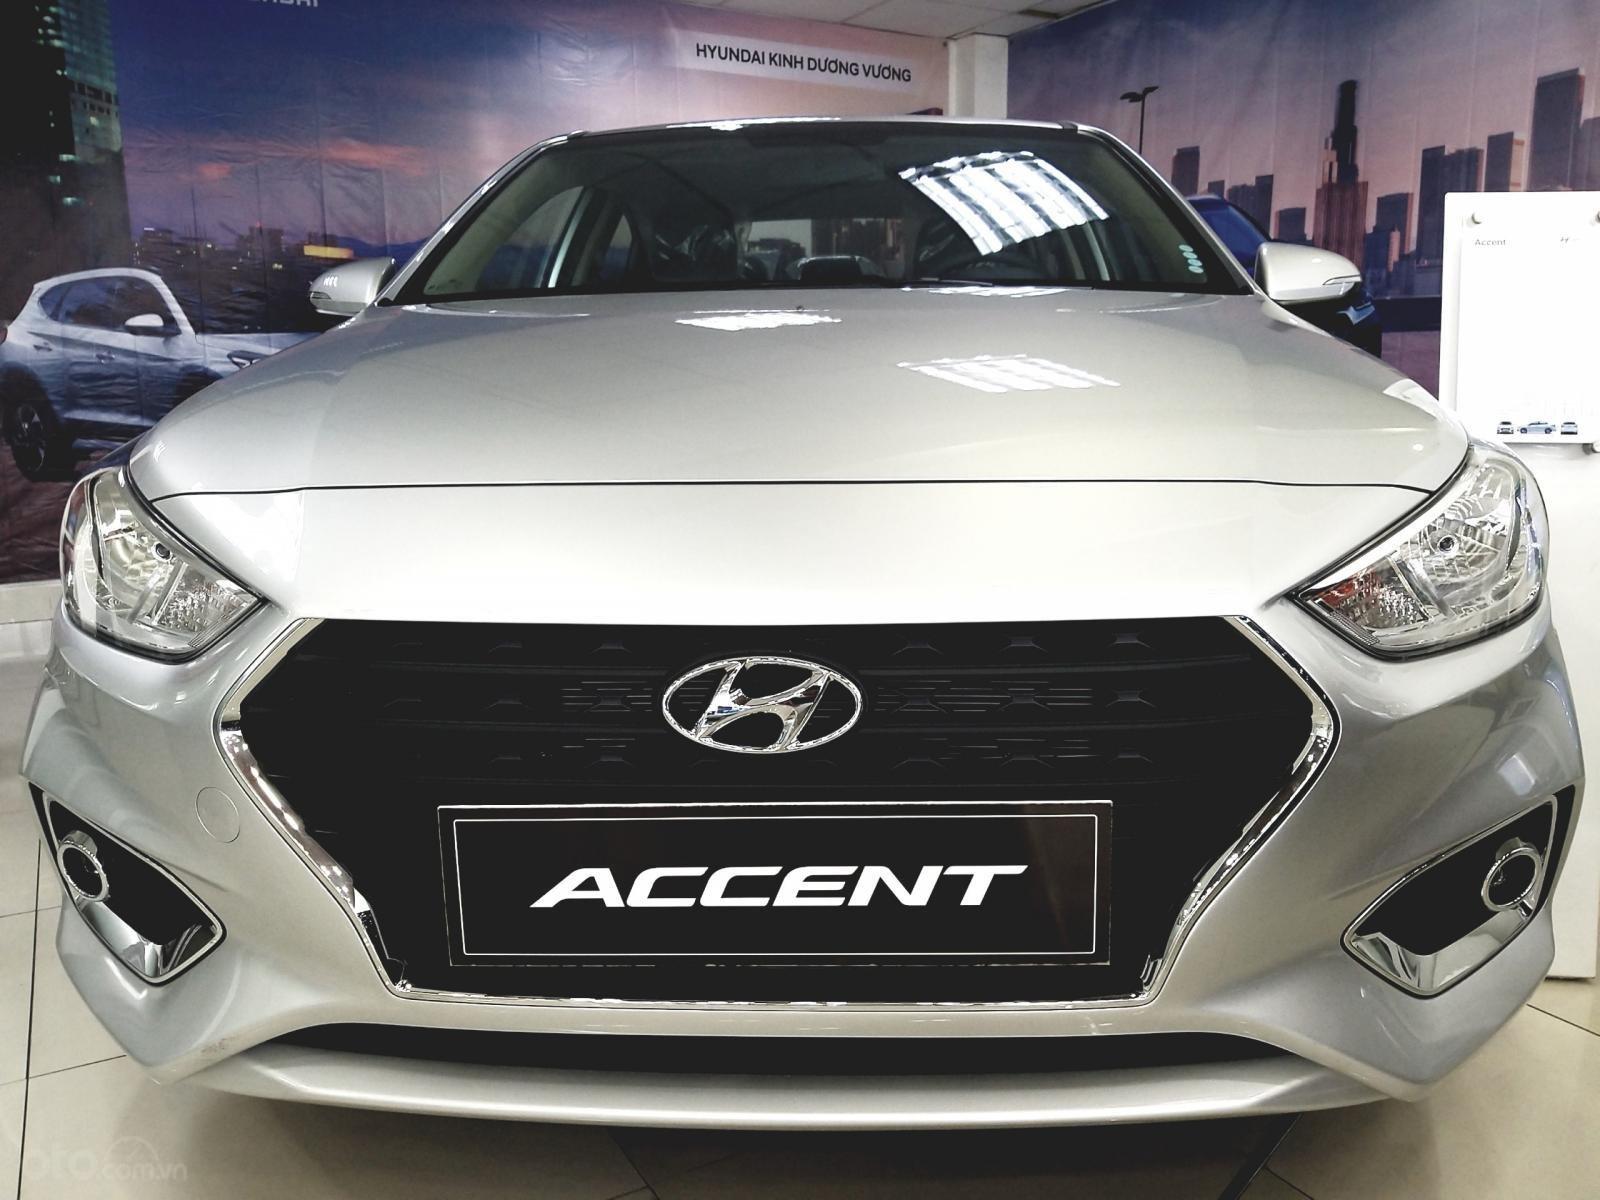 Hyundai Accent 2019, giá tốt bao giấy tờ đăng ký grab, hợp tác xã miễn phí, xe đủ màu giao ngay toàn quốc (1)